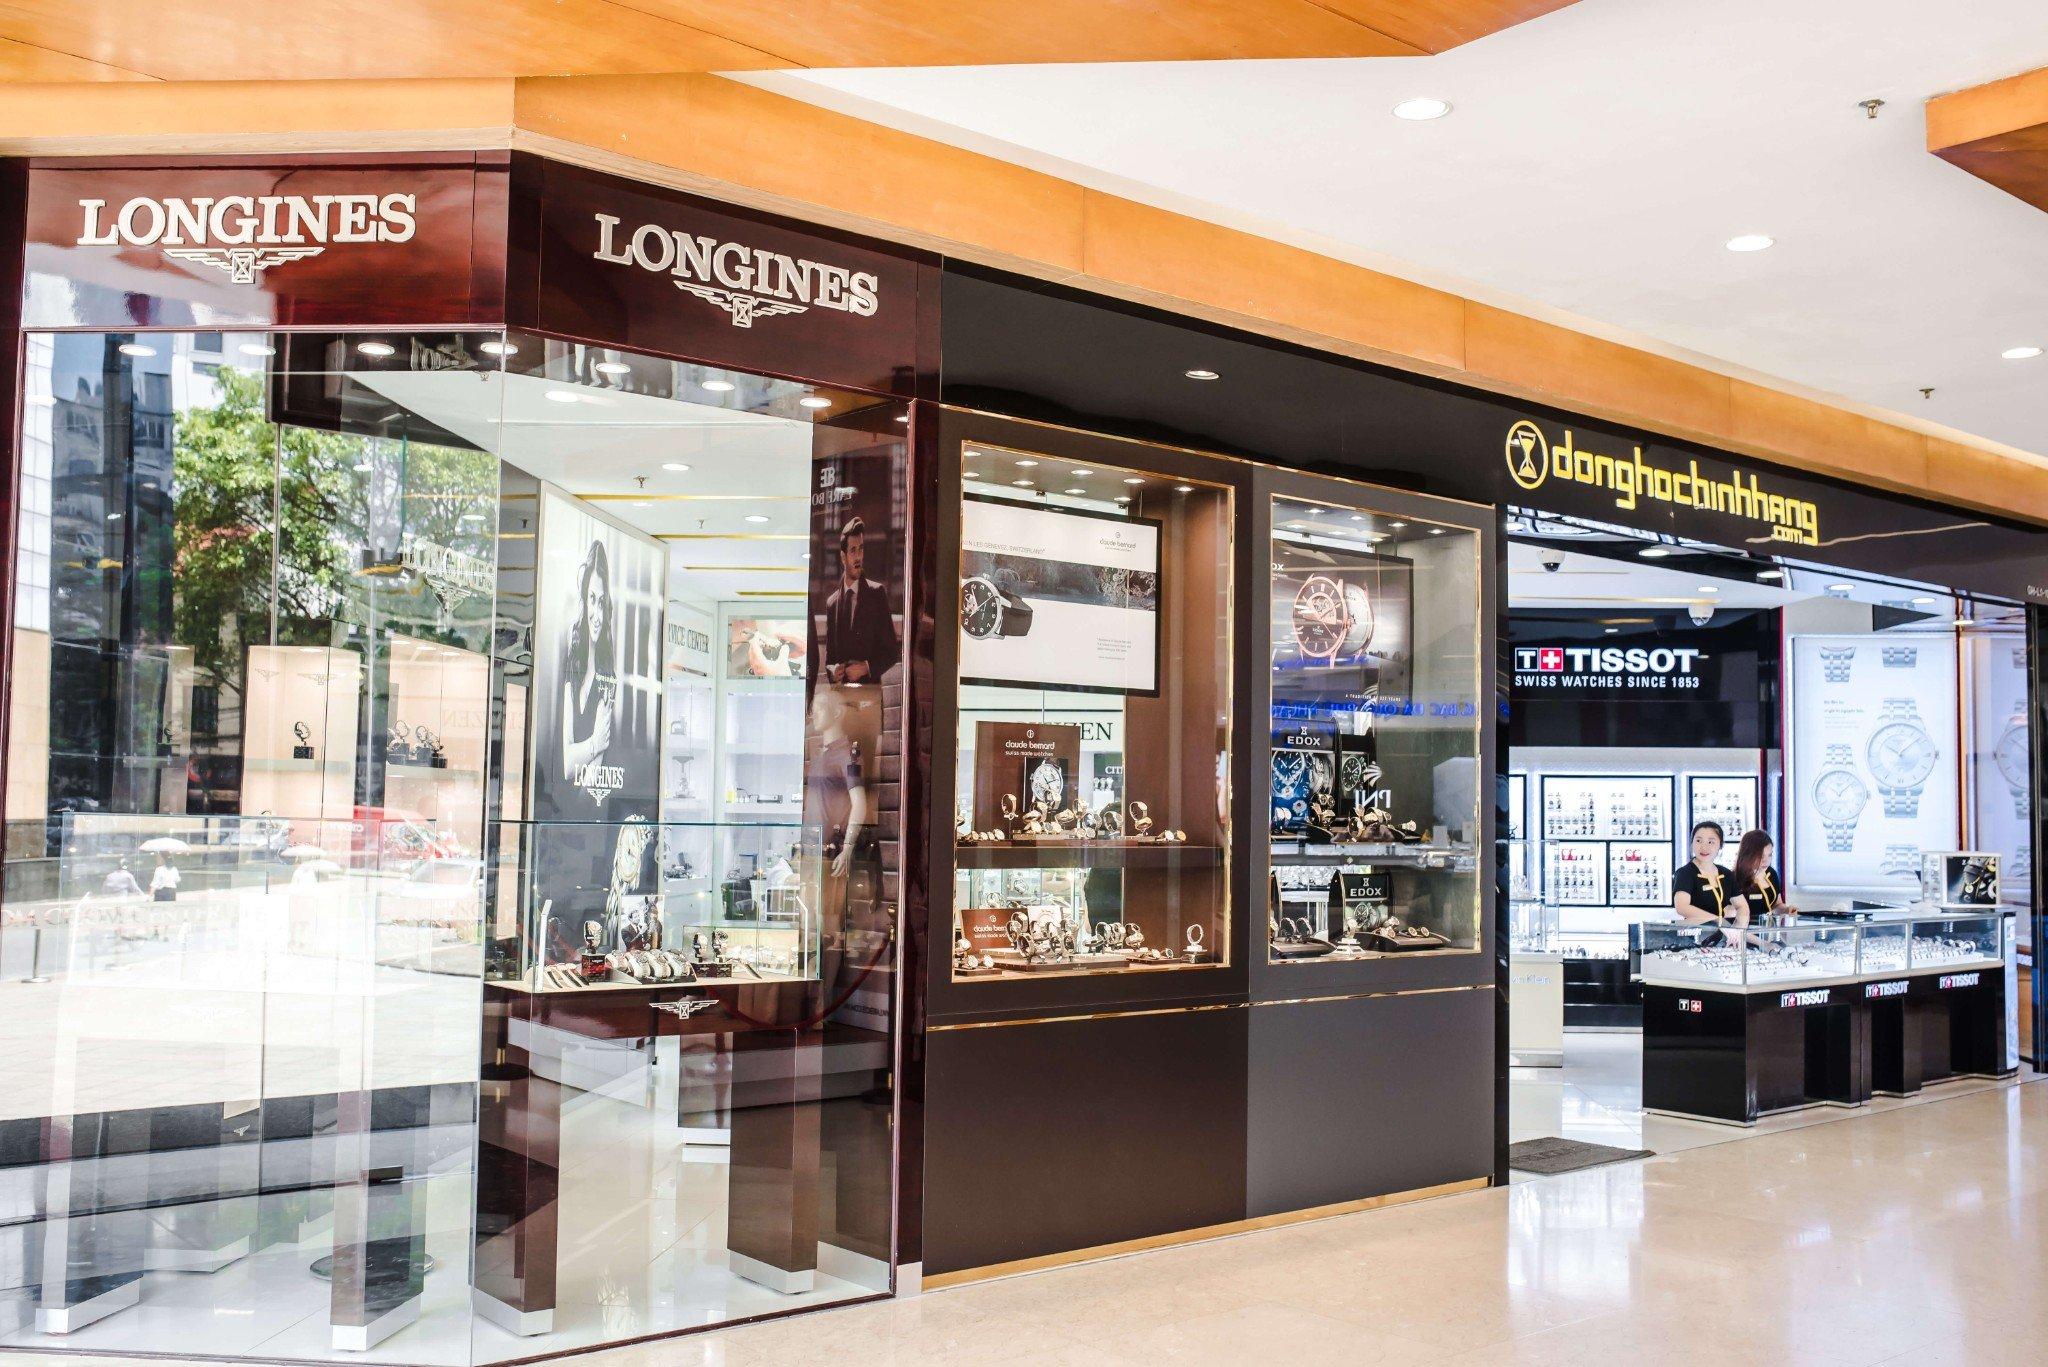 ShowroomDonghochinhhang.com– Tháp B, Vincom Center Bà Triệu